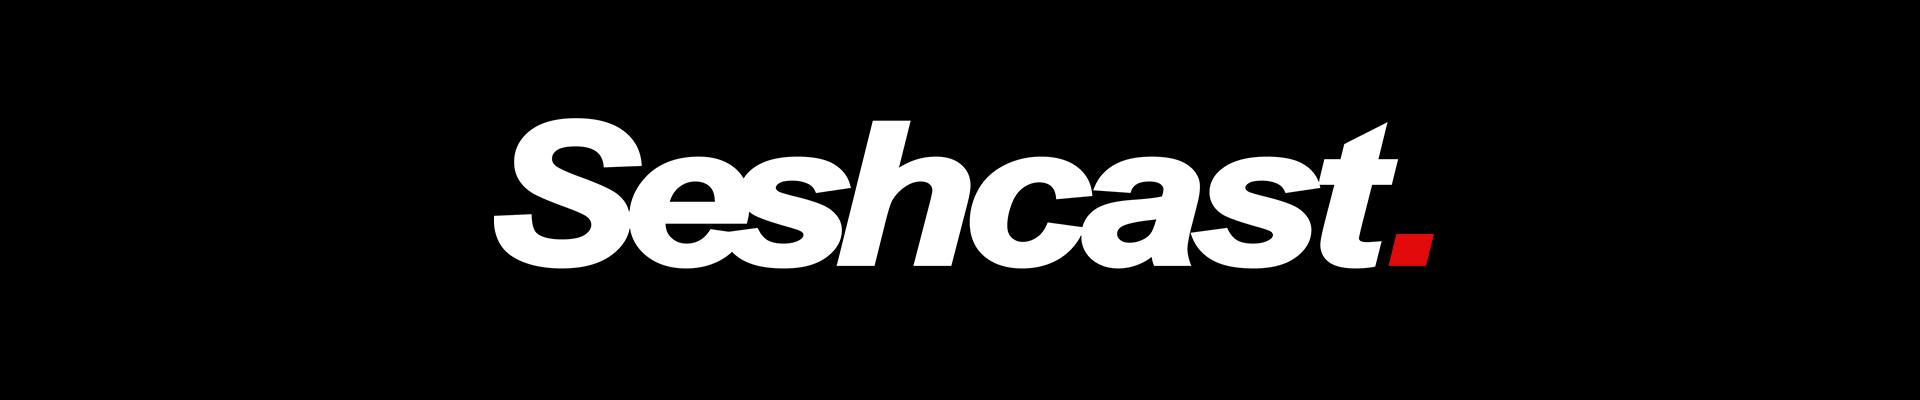 seshcast banner BLACK.jpg